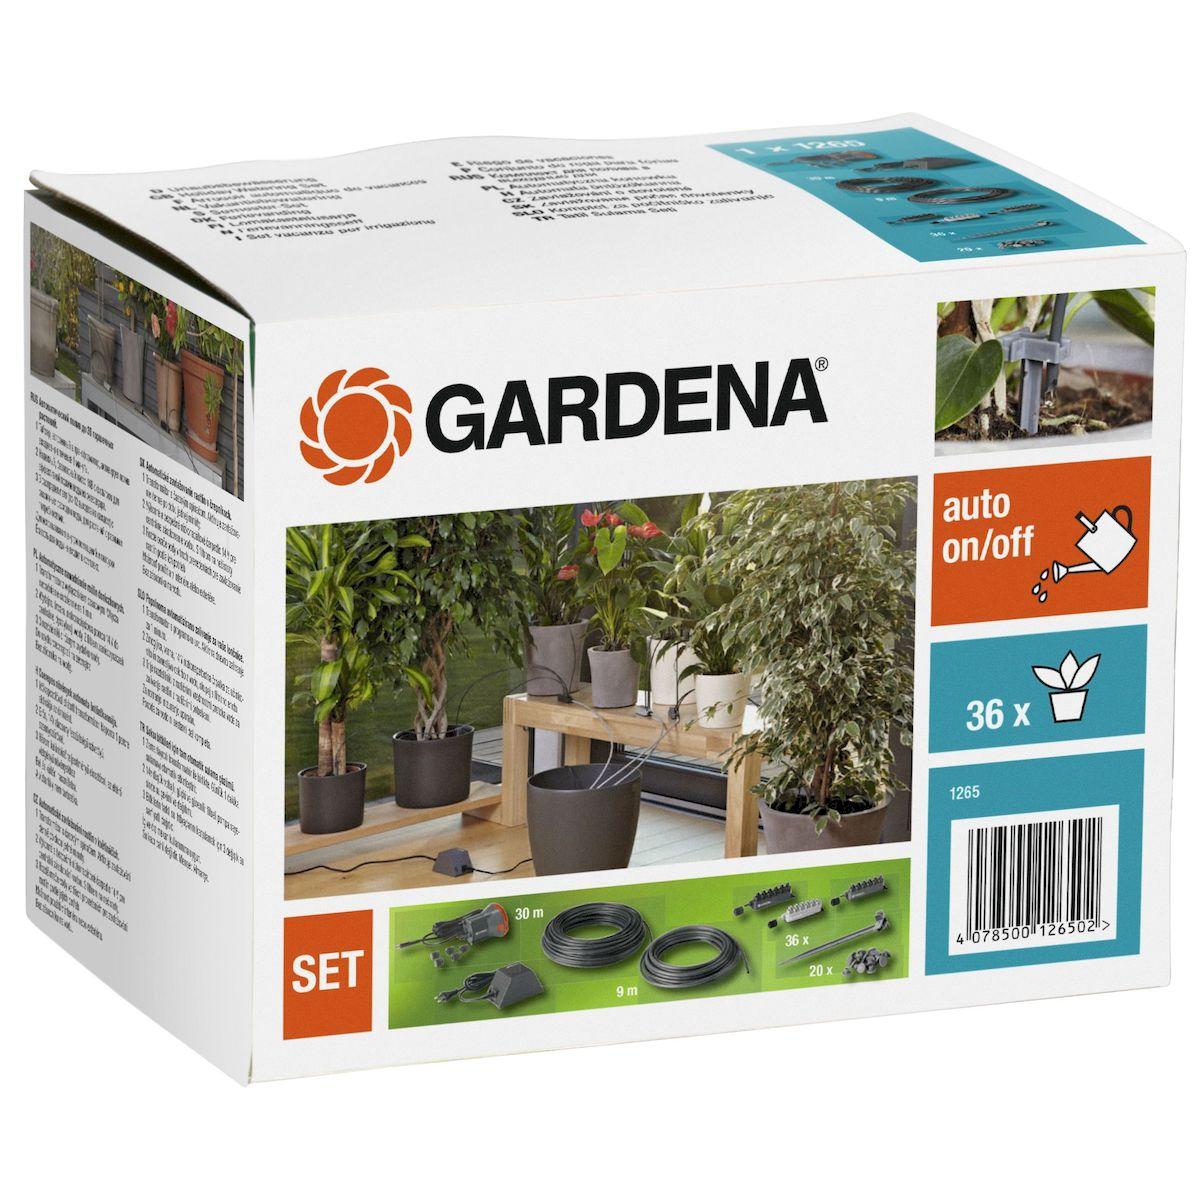 """Комплект для полива цветочных горшков """"Gardena"""" - предназначен для полностью  автоматизированного полива комнатных растений, чтобы вы могли оставить их на время  вашего отсутствия. Он может быть установлен для полива растений на балконах, на крышах- террасах и прочих местах. Комплект не может применяться в местах общественного  пользования, на спортивных объектах, парках, в сельском и лесном хозяйстве. Принцип действия комплекта для полива заключается в следующем: подача насосом воды из  емкости к отдельным растениям по 1 минуте, благодаря таймеру, встроенному в  трансформатор. Одновременно можно поливать до 36 растений. В первую очередь требуется  определить количество воды, необходимое растениям ежедневно. Чтобы почувствовать  правильную дозировку воды, можно испытать систему в течение нескольких дней до начала  отпуска. При перебоях в подаче электроэнергии, насос каждый раз запускается автоматически, и  продолжает работать по первоначально заданной программе после ее возобновления. Когда вы расставляете цветочные горшки, рекомендуется выбирать места, которые  расположены в зоне действия солнечных лучей, но не слишком близко от окна, лучше всего на  расстоянии приблизительно 1 м. Помните, что потребление воды каждым отдельным  растением может меняться, если переместить его на другое место. В теплых и светлых местах  они нуждаются в большем количестве воды, чем в темных и прохладных.  Особенности:  Дает возможность поливать до 36 горшечных растений. Полив производится каждый день в течение одной минуты благодаря таймеру, встроенному в  трансформатор. Расход воды зависит от распределителя, через который ведется полив: - Светло-серый распределитель – 15 мл/мин. - Серый распределитель – 30 мл/мин. - Темно-серый распределитель – 60 мл/мин.  Дополнительные характеристики: Входное напряжение: 230В. Частота тока: 50 Гц. Выходное напряжение (постоянный ток): 14 В. Максимальная температура окружающей среды: + 40°C.  Комплектация: - трансформатор с таймером, - насос с фильтр"""